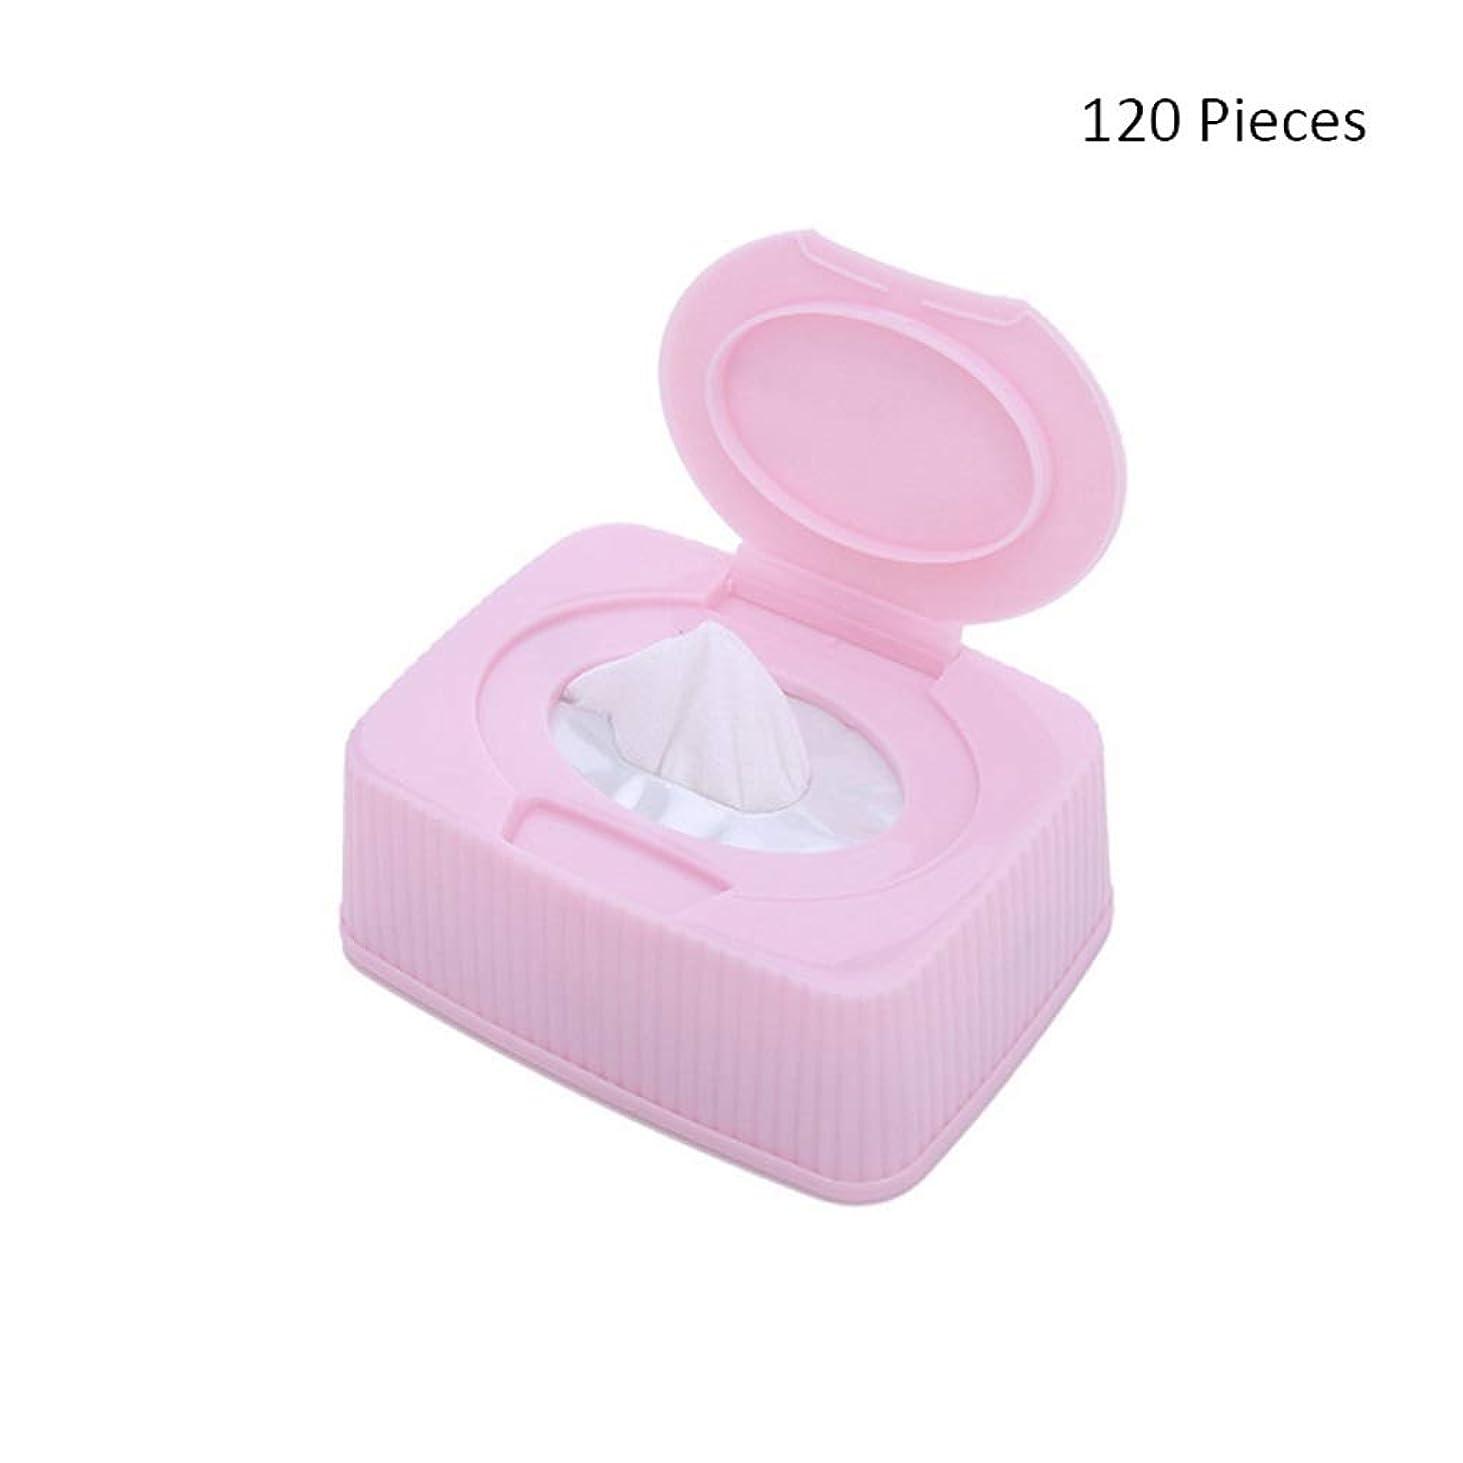 口ペリスコープ番号120ピース/ボックスフェイスメイク落としフェイシャル化粧品リムーバーパッドメイクアップコットンクリーナースキンケアワイプフェイスウォッシュコットンパッド (Color : Pink, サイズ : 120 pieces)